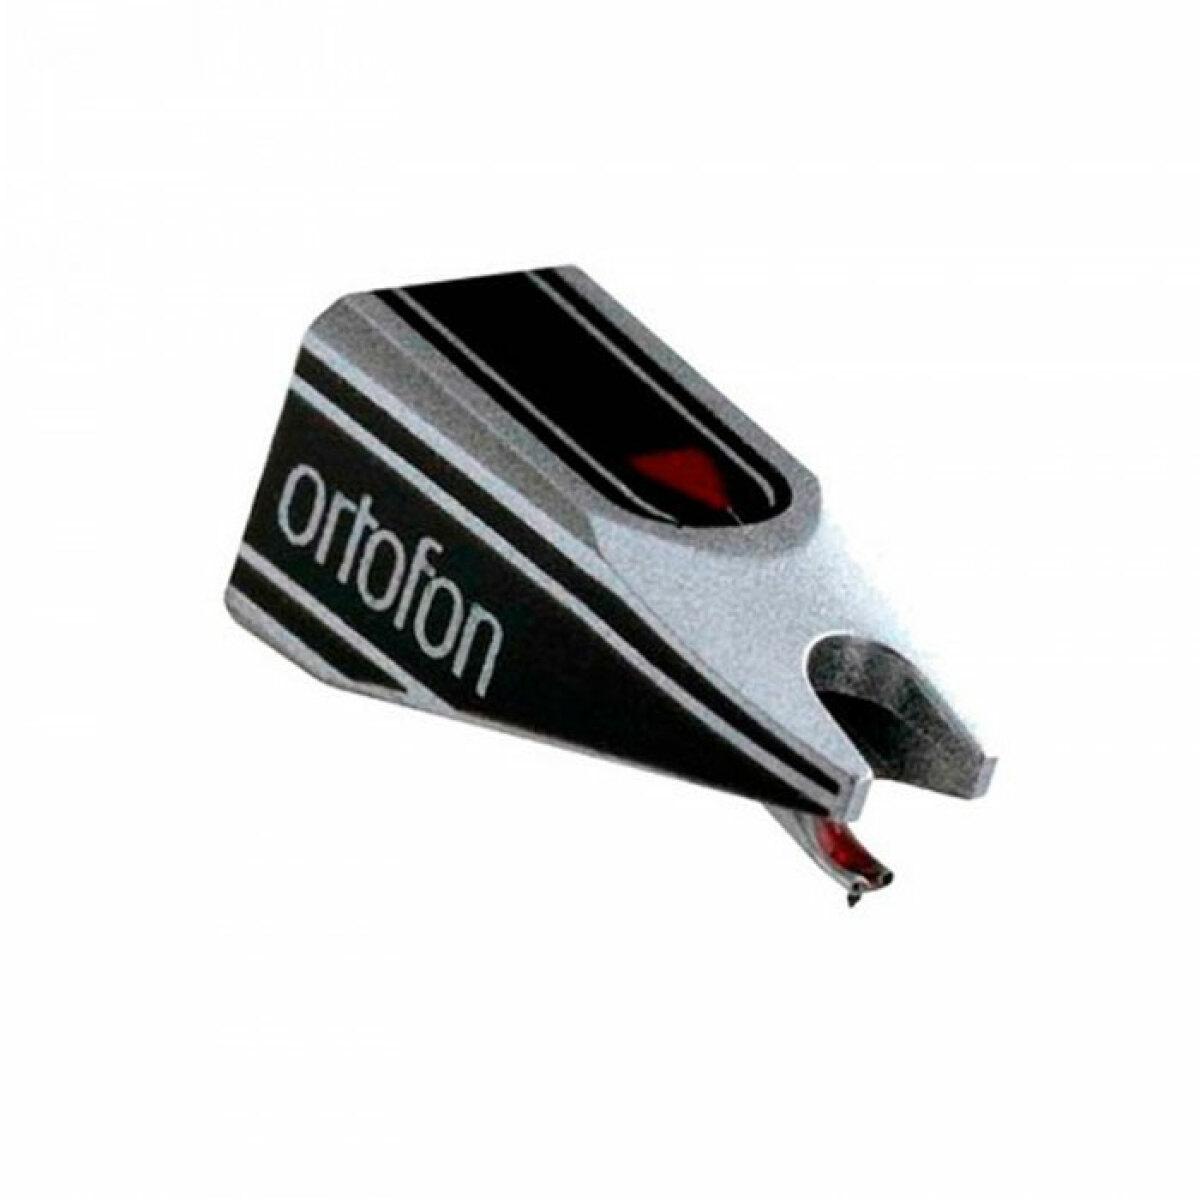 Ortofon Stylus Serato S-120